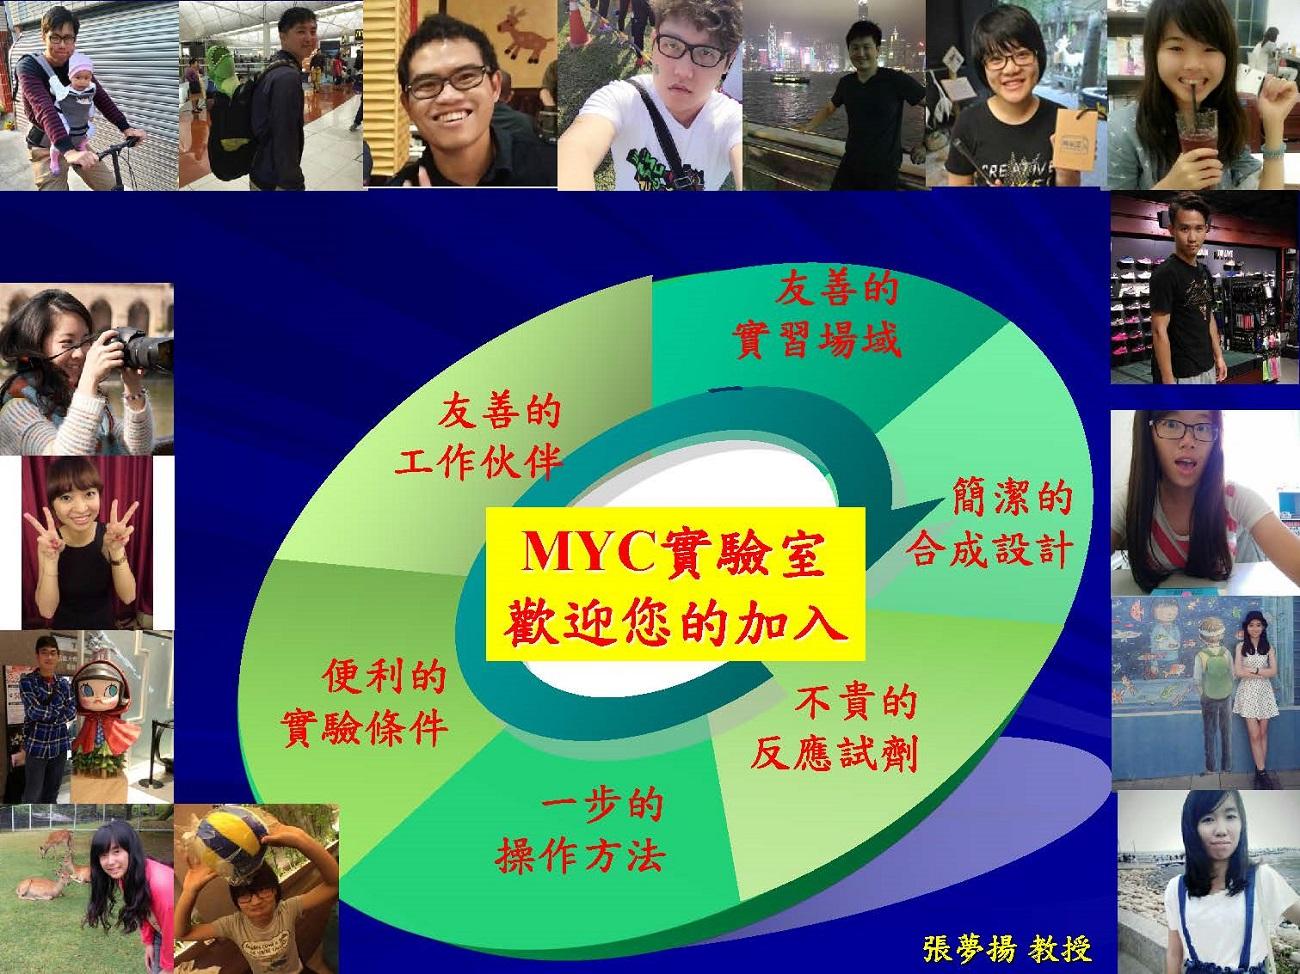 myc_lab2.jpg